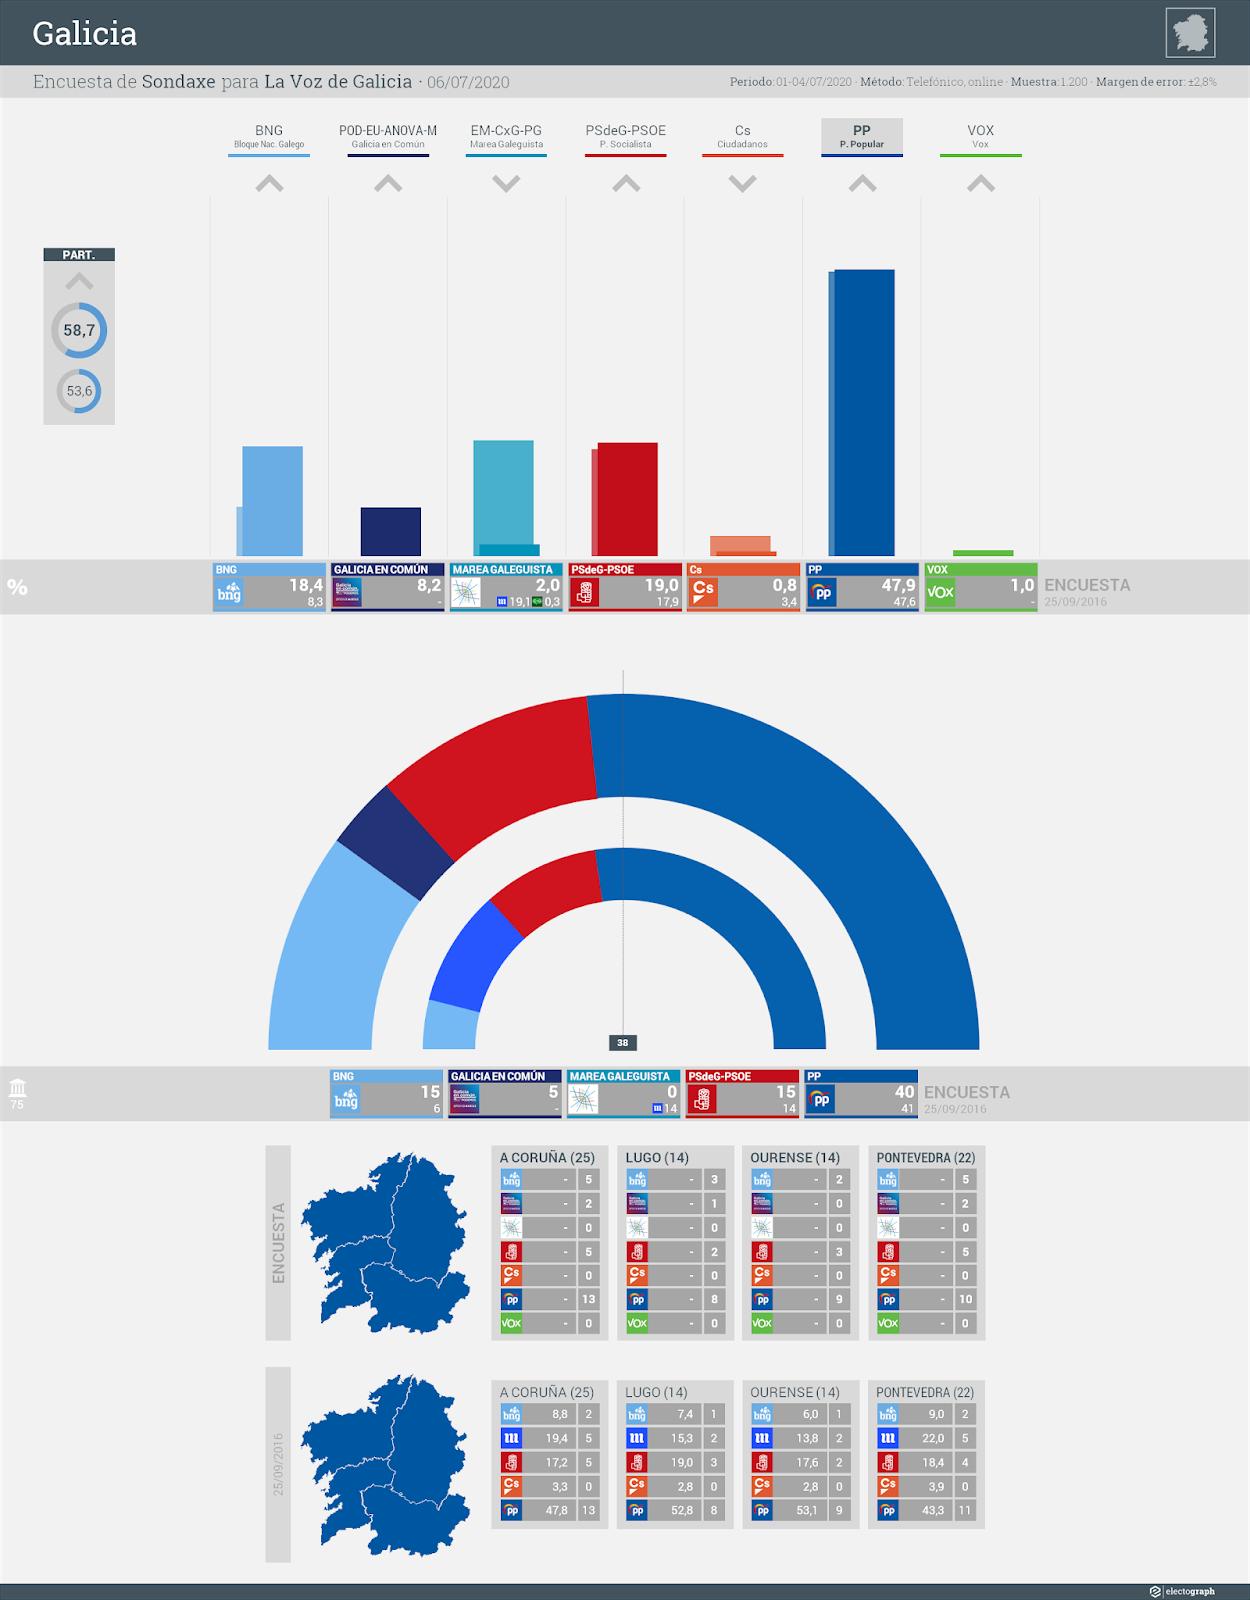 Gráfico de la encuesta para elecciones autonómicas en Galicia realizada por Sondaxe para La Voz de Galicia, 6 de julio de 2020